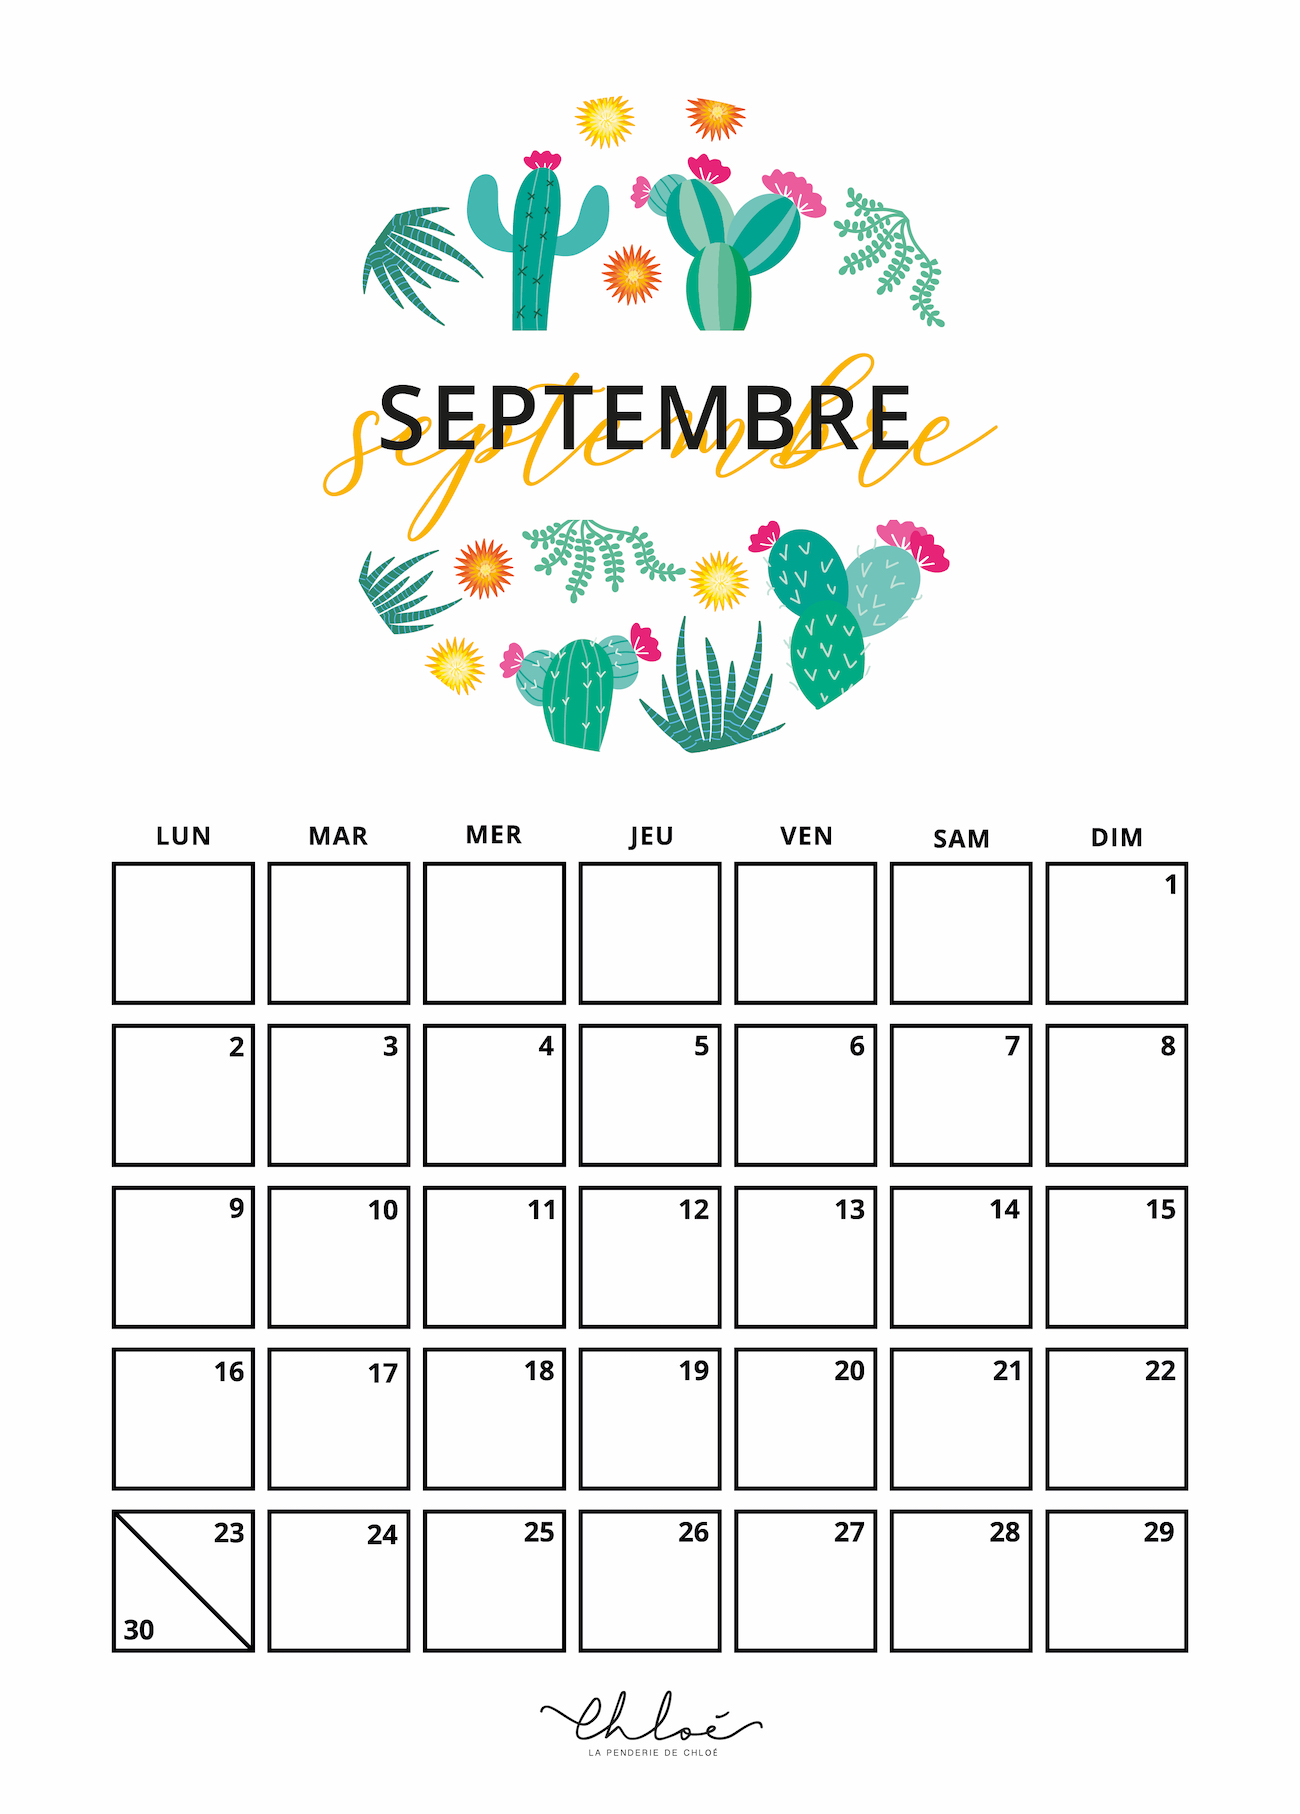 Calendrier Mois De Septembre.Calendrier Septembre Kit A Imprimer Lifestyle La